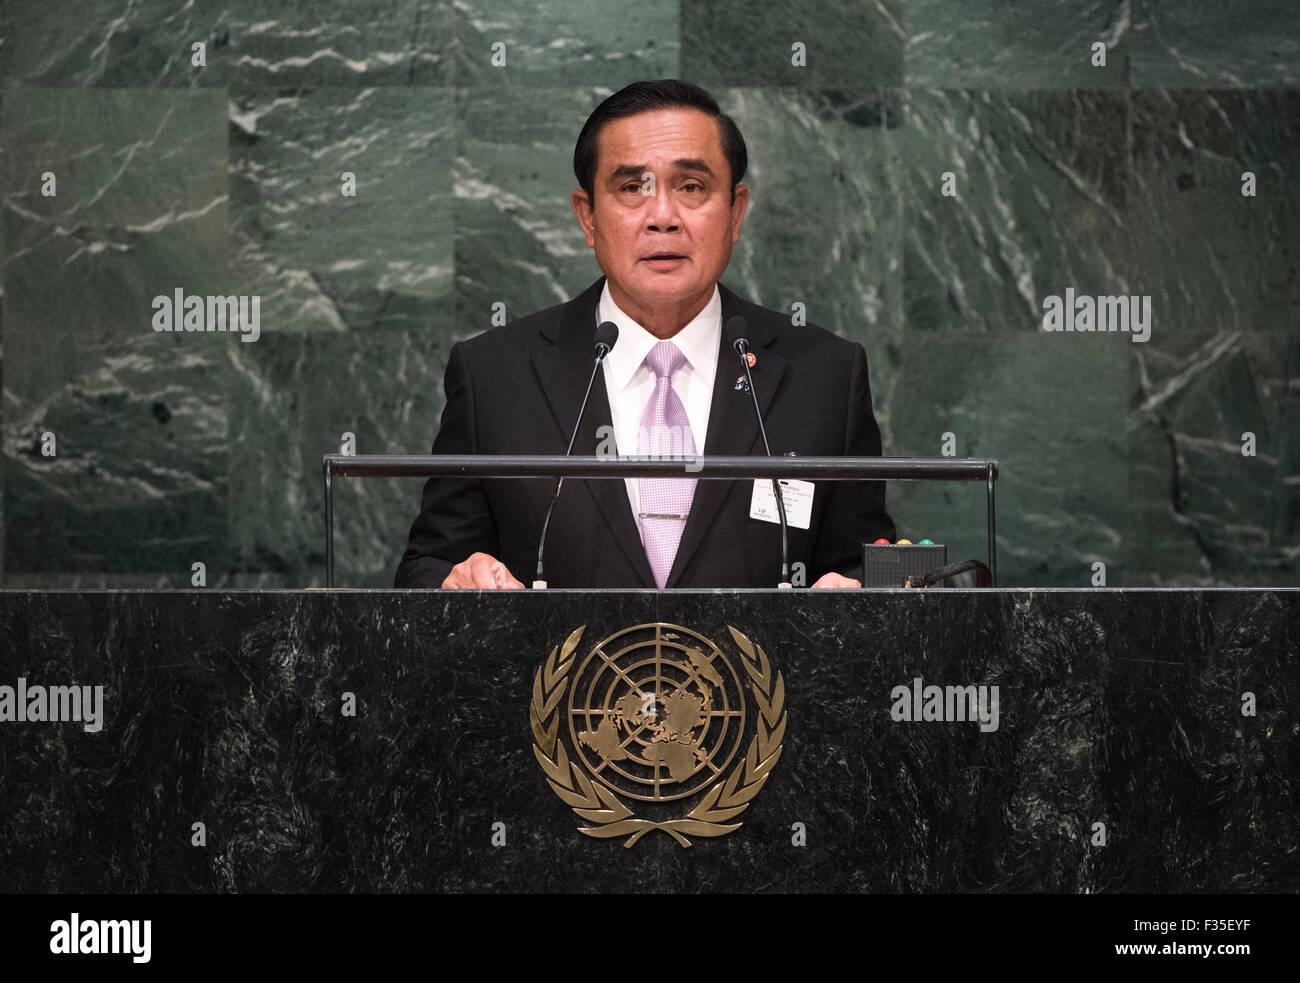 New York, NY, USA 29 Sep, 2015. Premier Ministre thaïlandais Prayut Chan-o-cha traite de la 70e session de l'Assemblée générale des Nations Unies au siège des Nations Unies à New York, le 29 septembre, 2015. Photo ONU/Cia Pak/Xinhua/Alamy Live News Banque D'Images